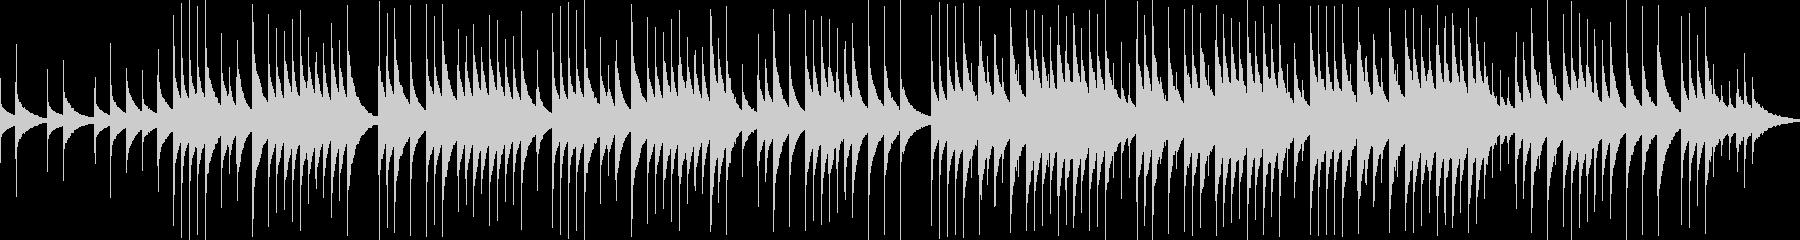 【オルゴール】楽しく踊るワルツ(ループ)の未再生の波形